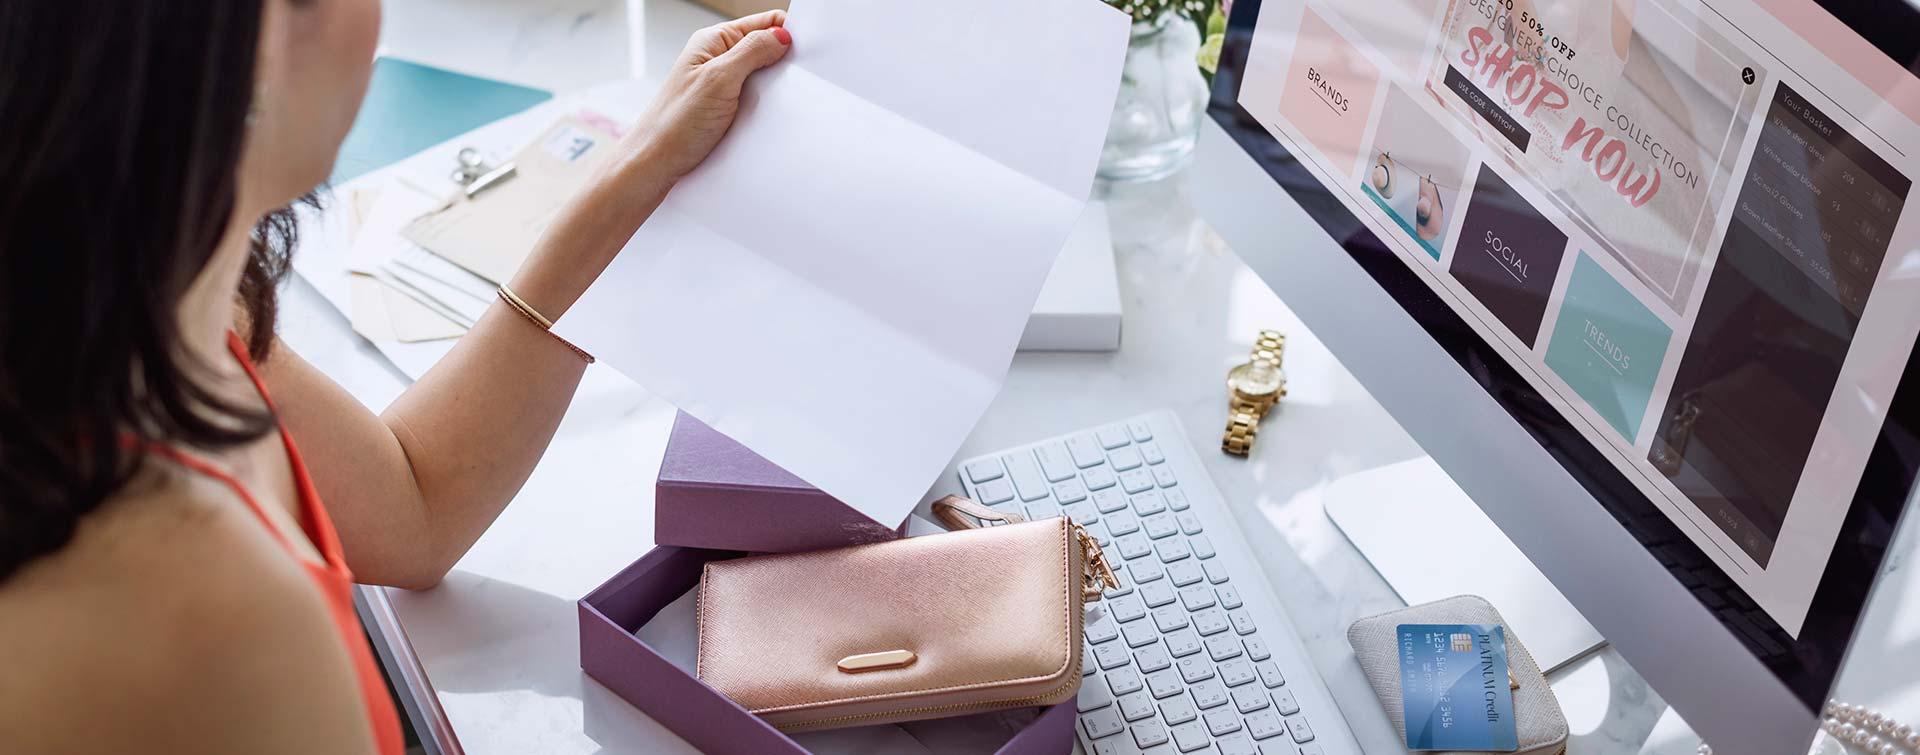 Jak zwrócić towar do sklepu internetowego za granicą?